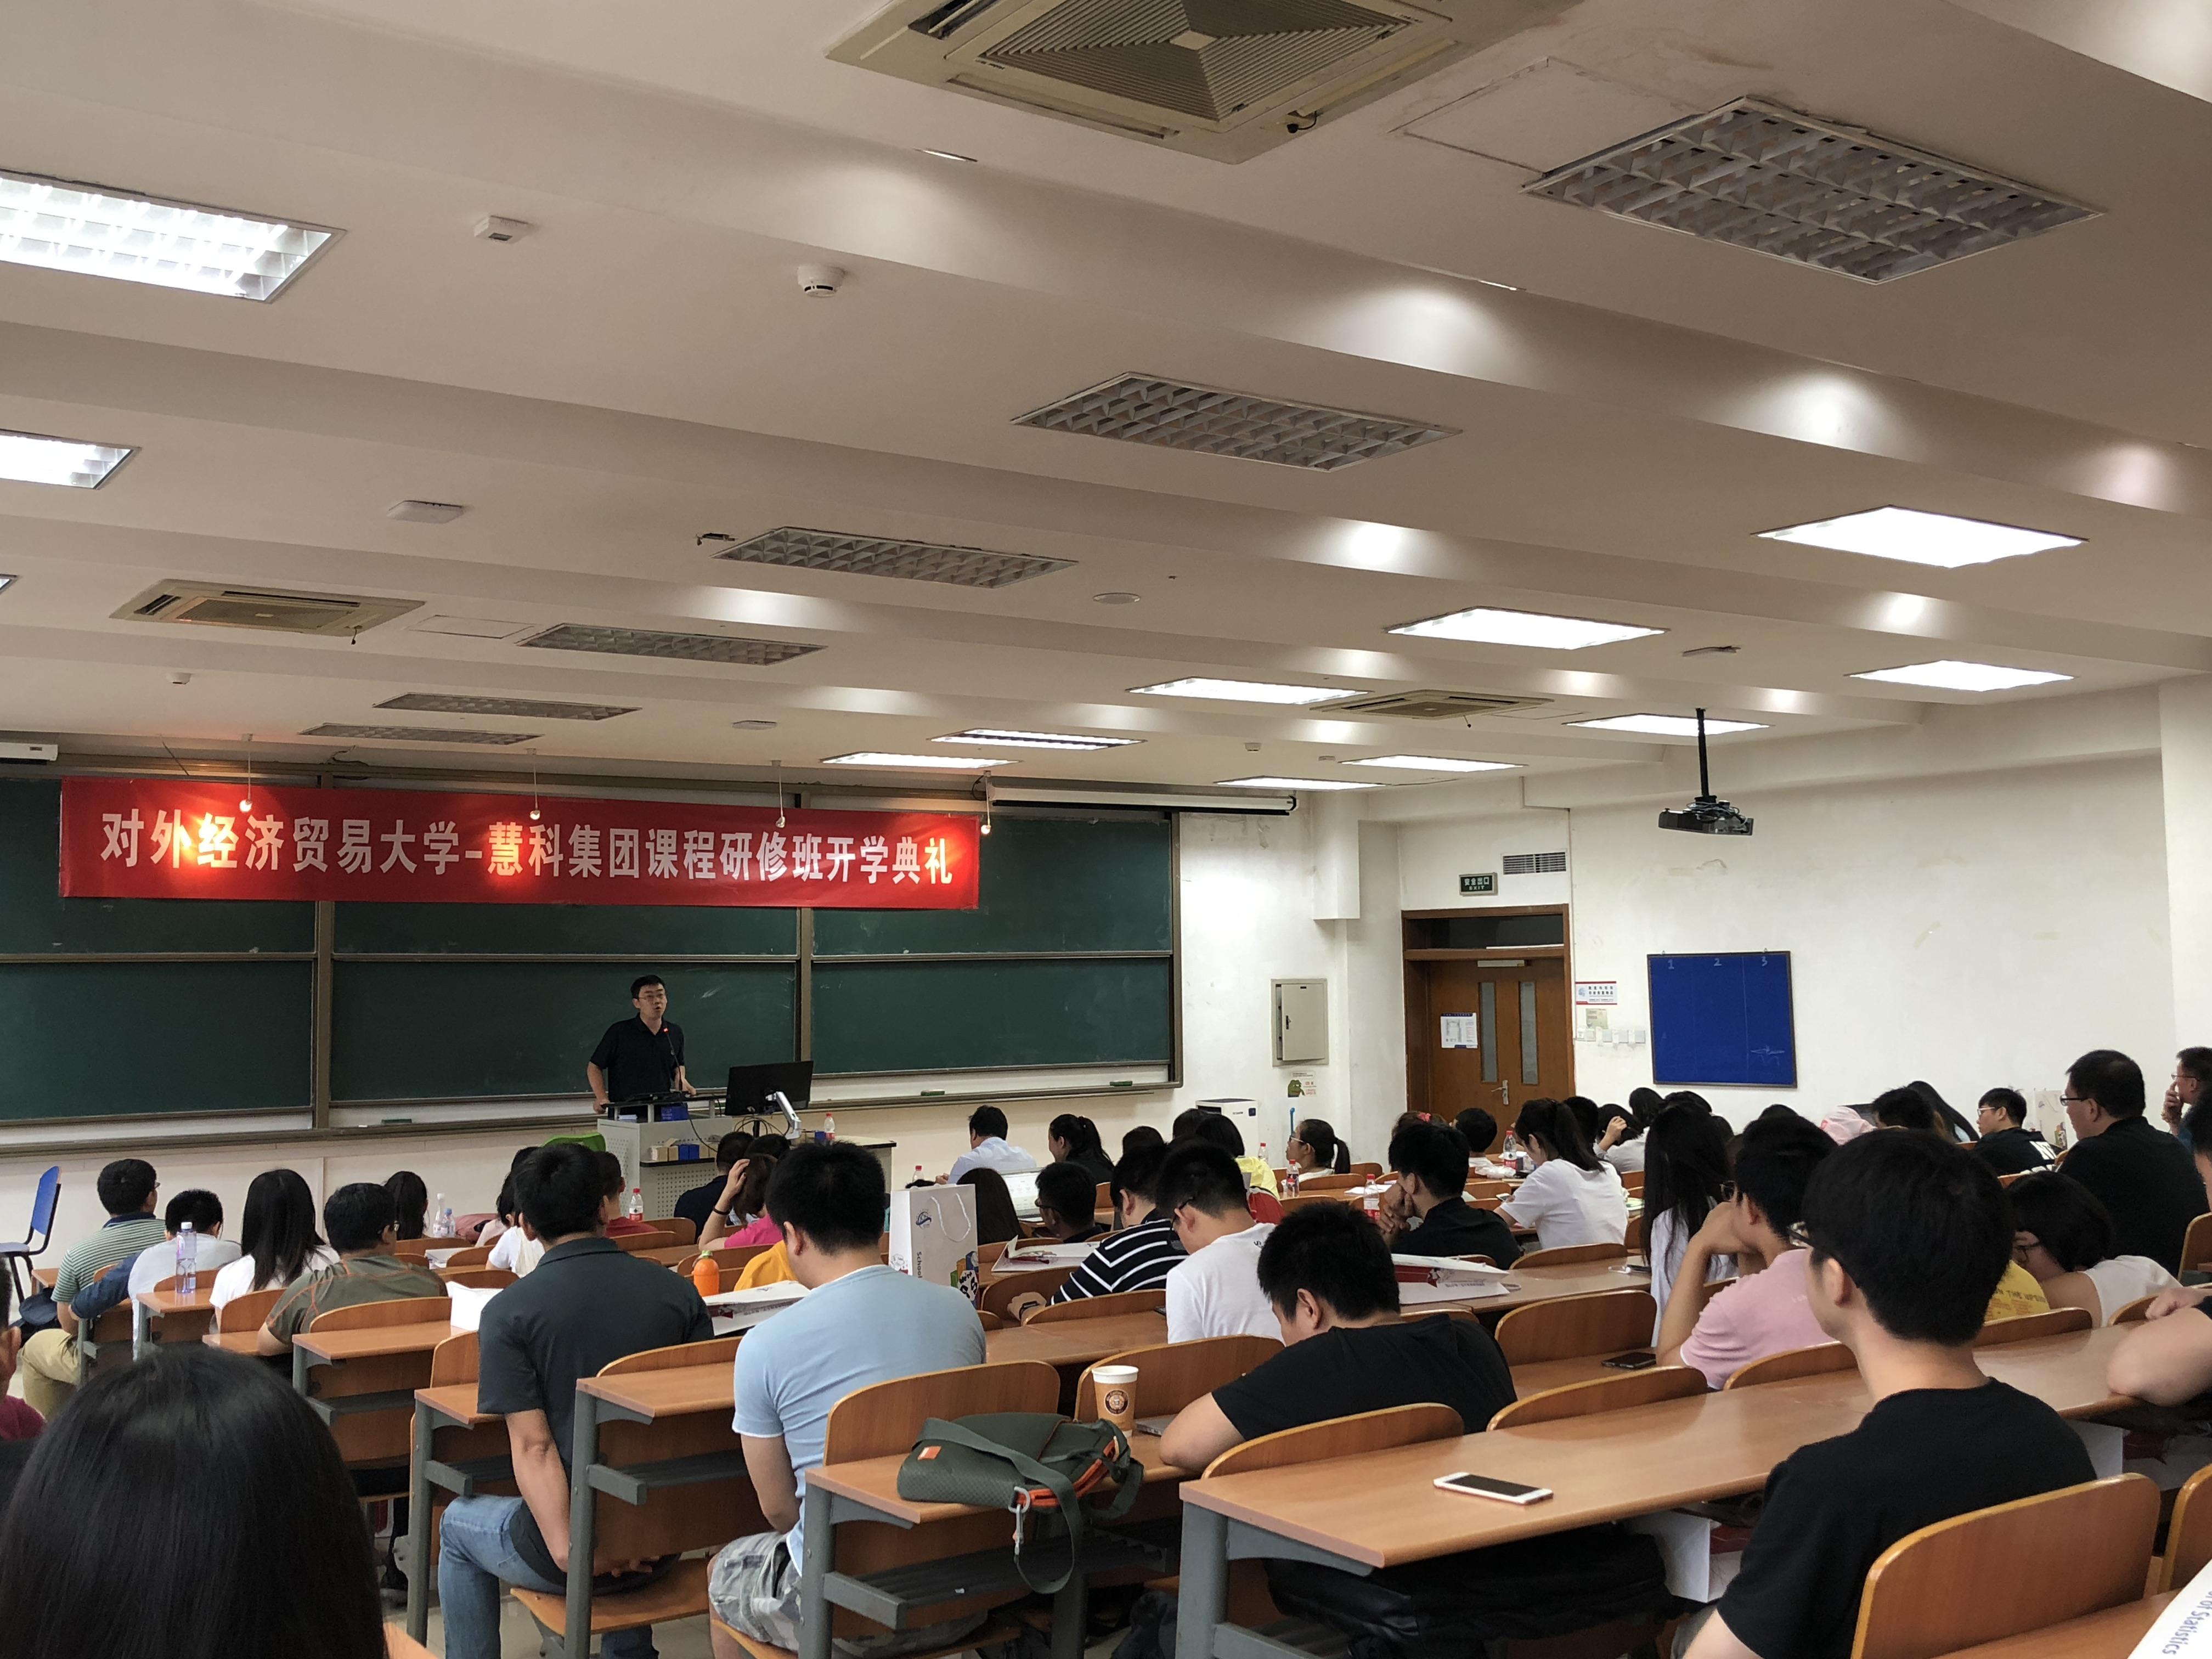 对外经济贸易大学-慧科集团在职研究生高级研修班开班典礼